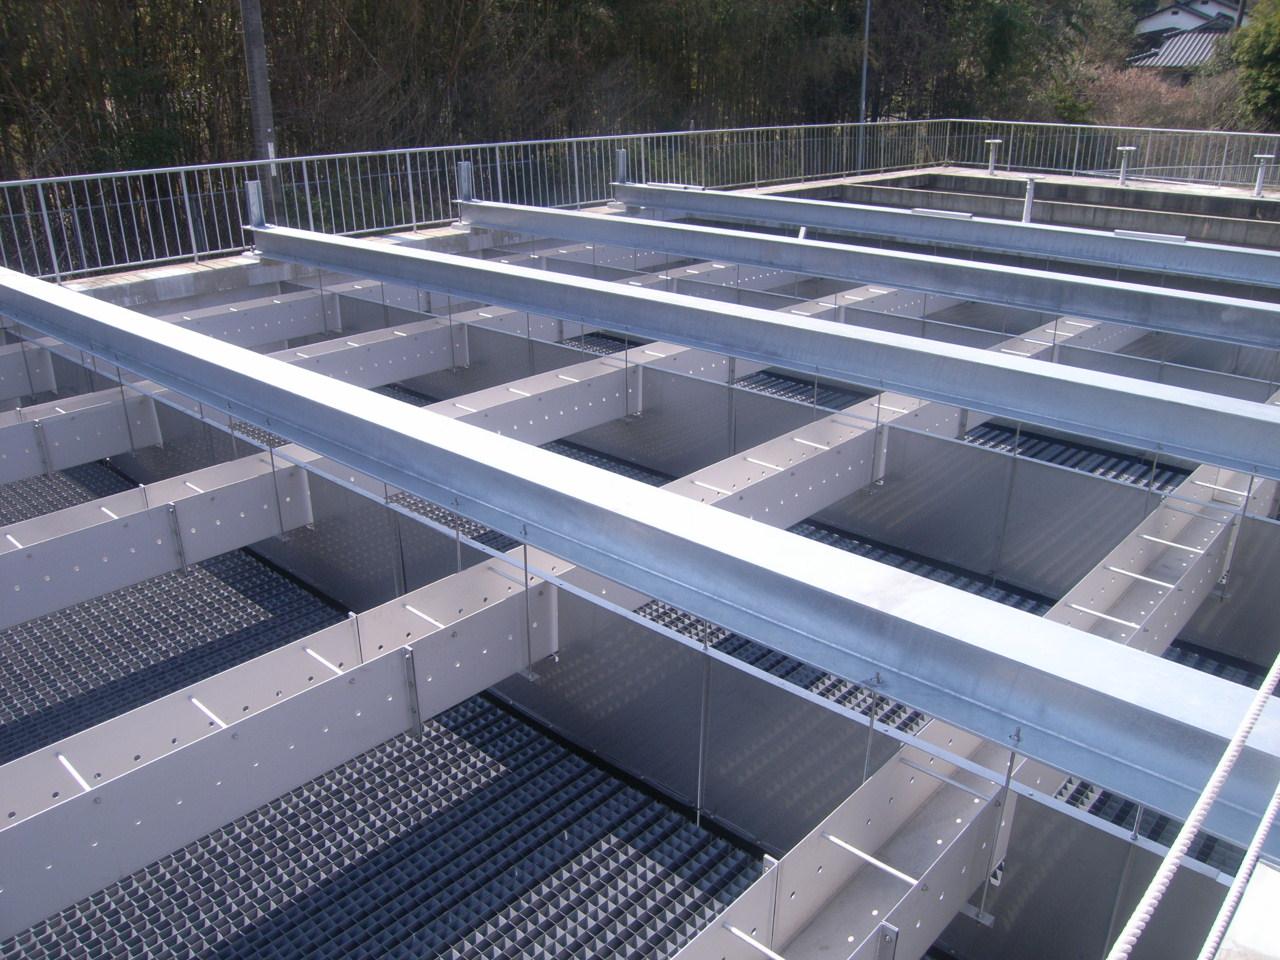 林浄水場 沈殿池傾斜管更新工事 実績写真1